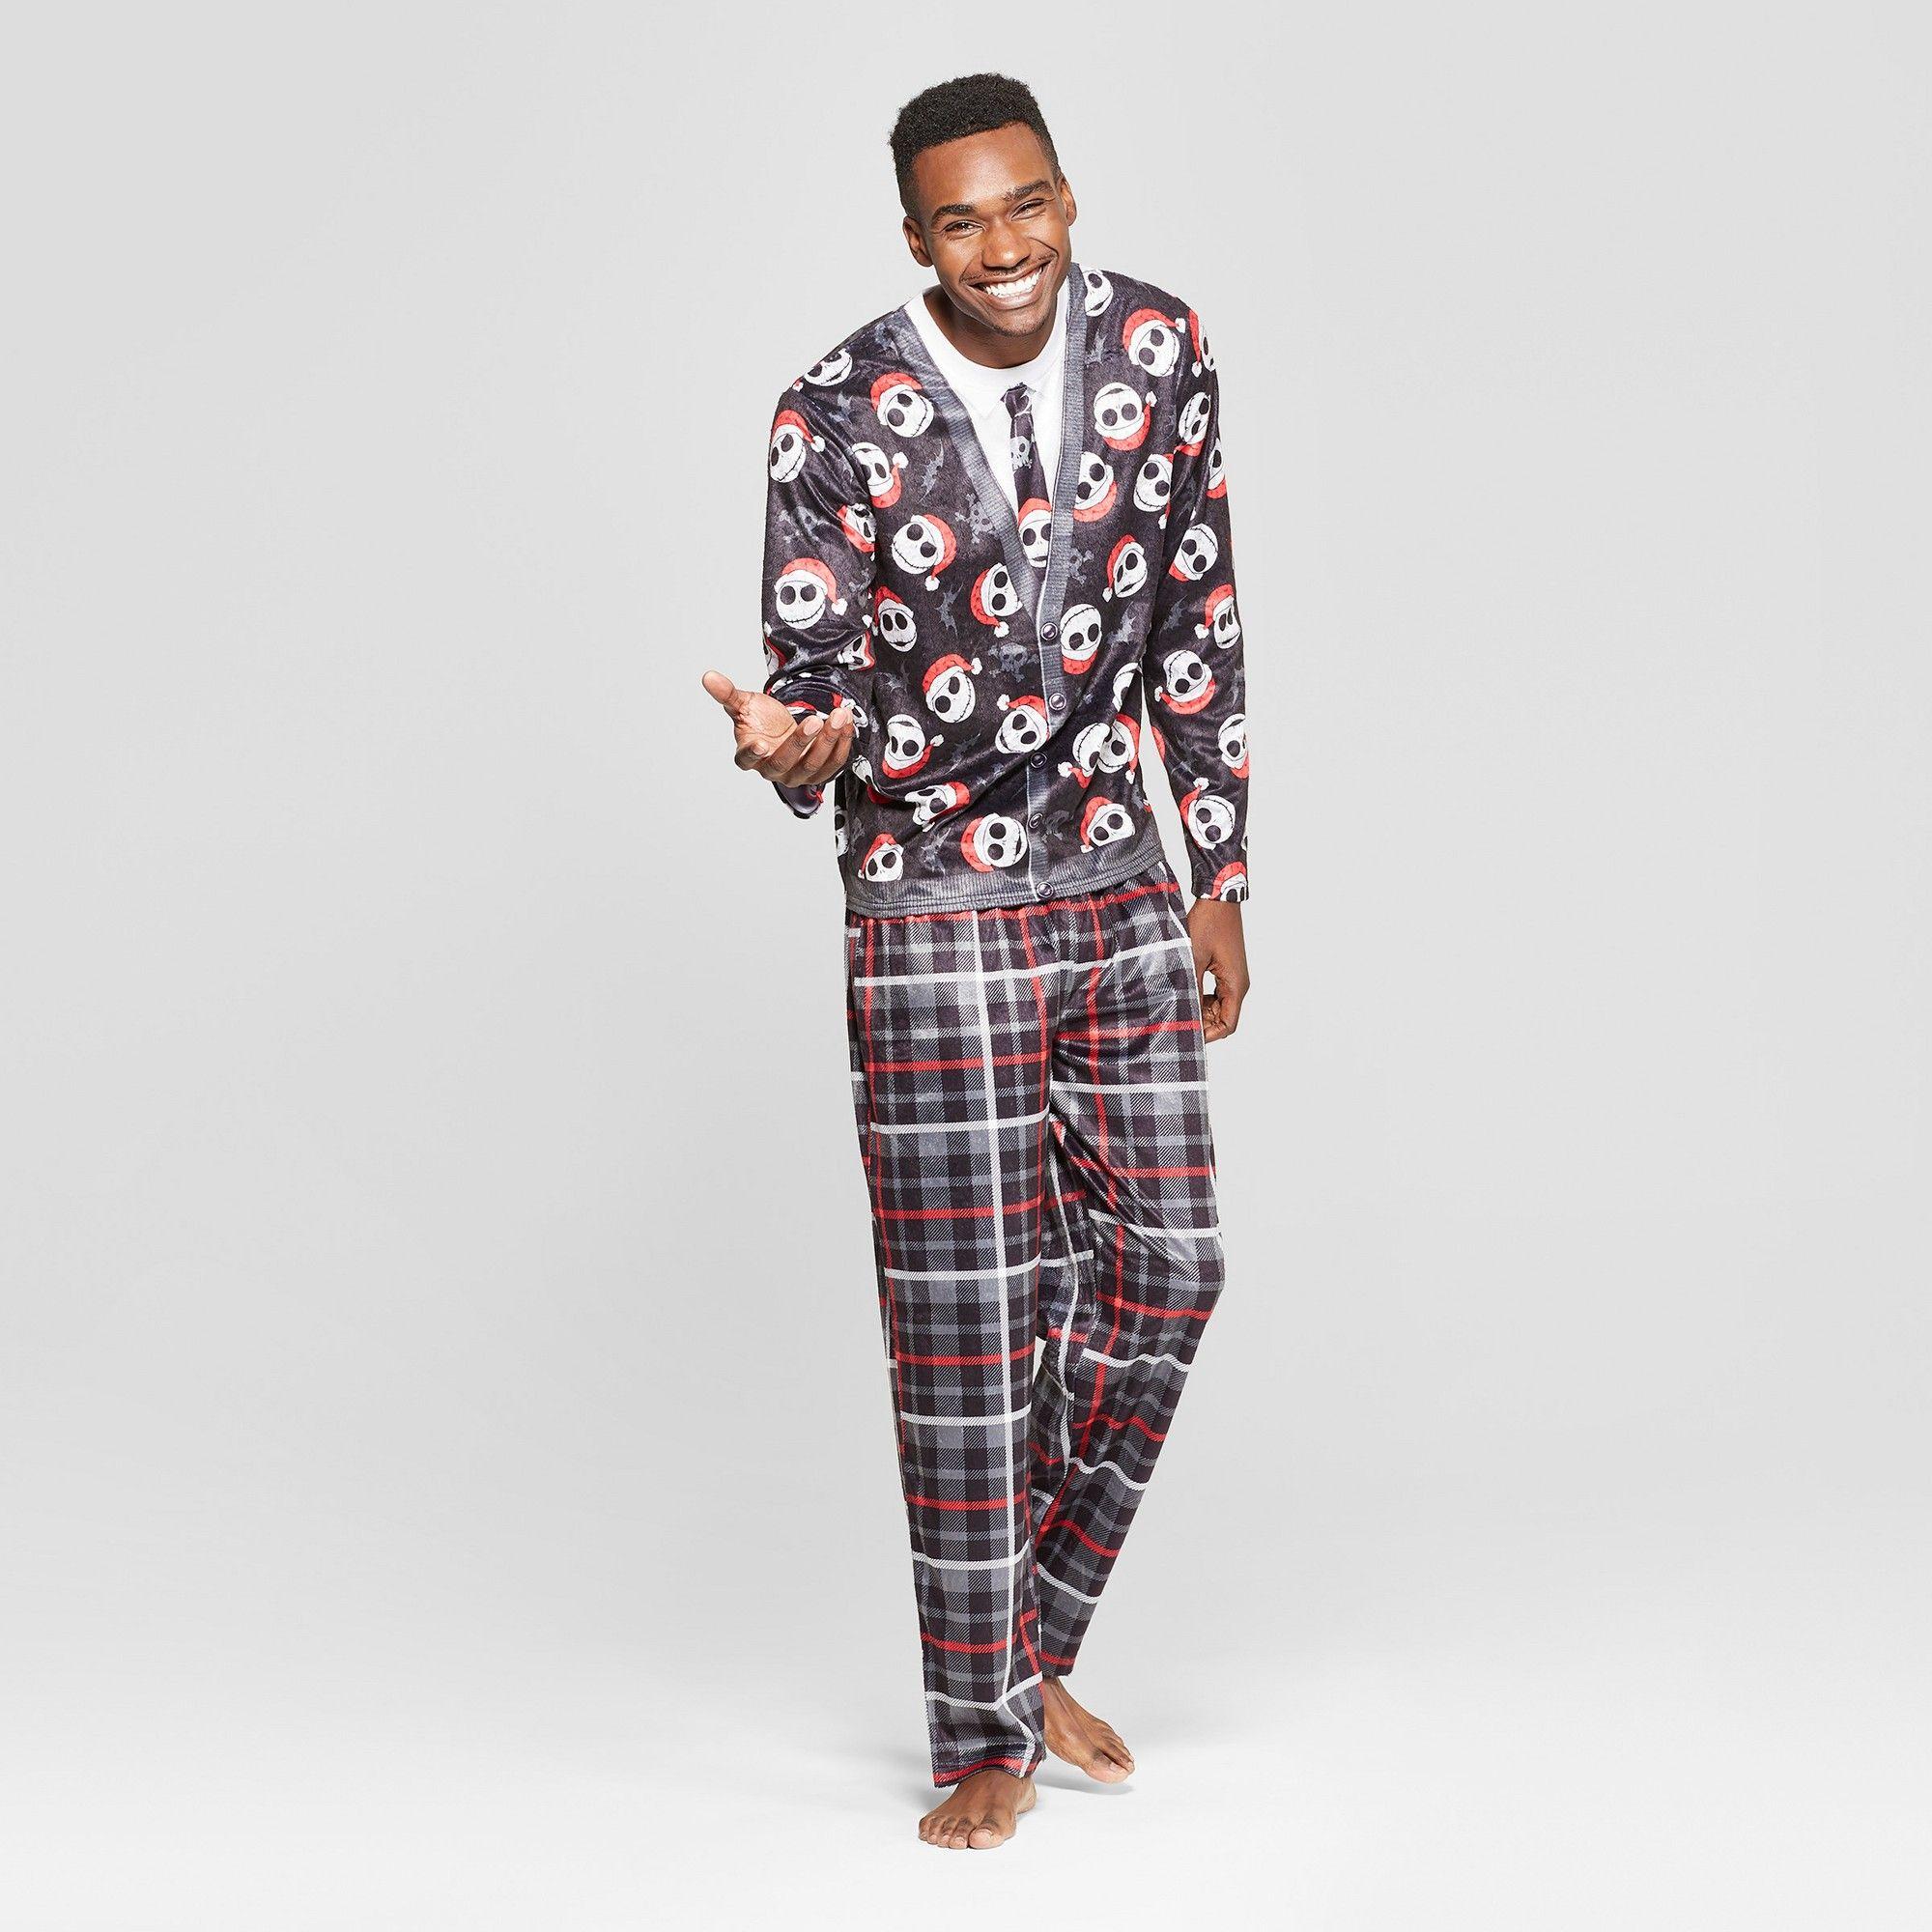 Grigio Perla Black Cotton Pajama Set 2XL